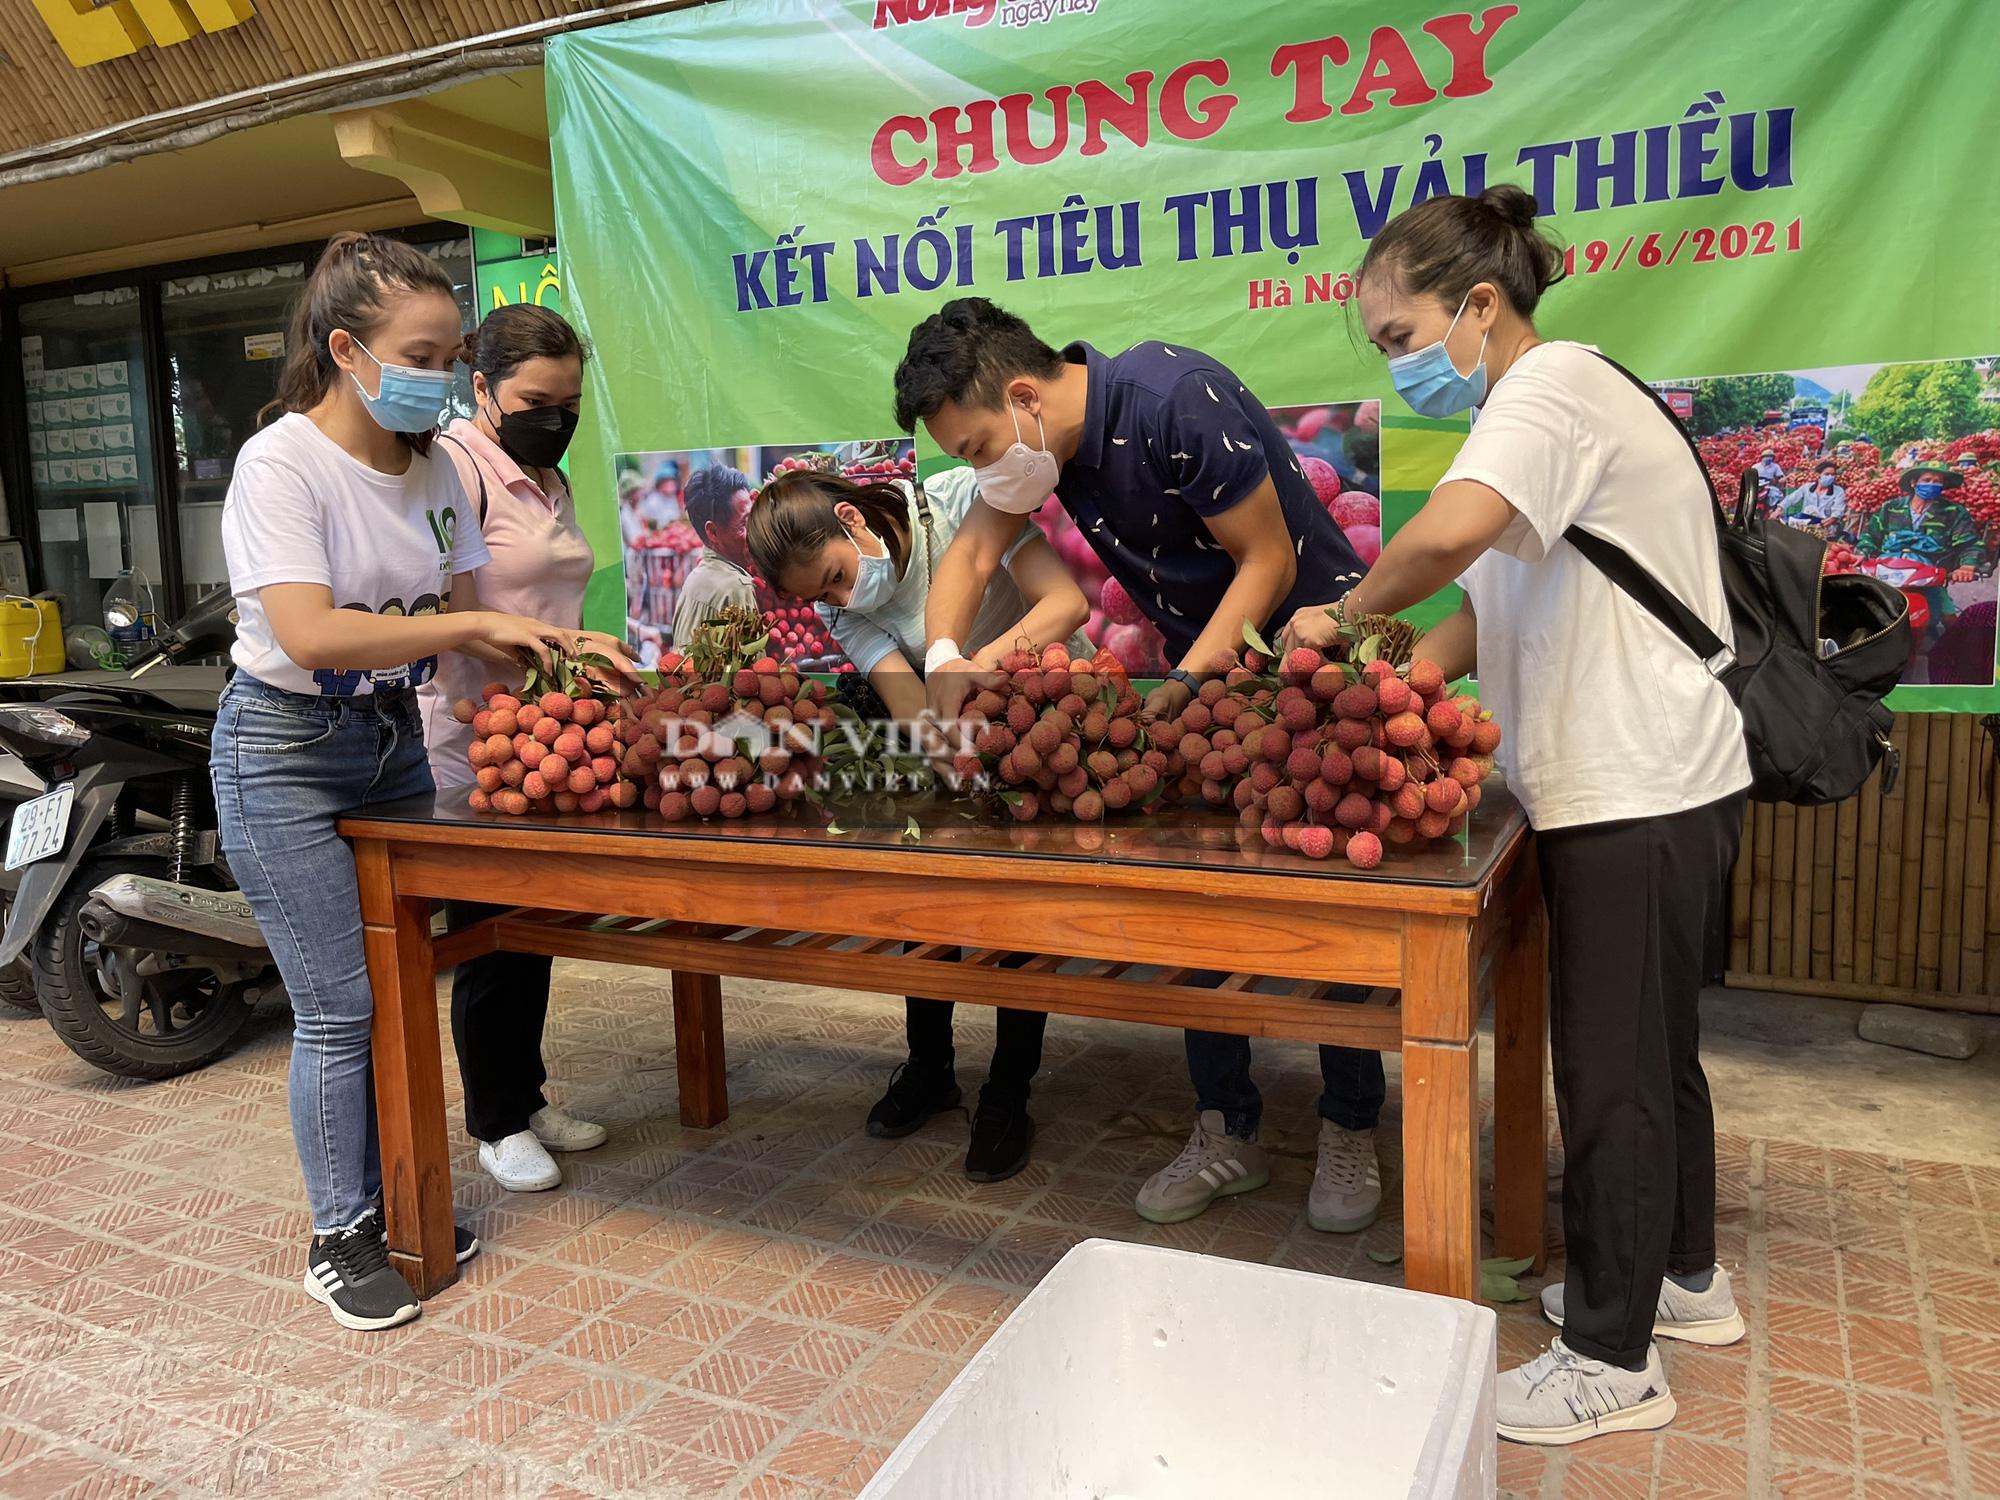 Vải thiều Lục Ngạn đã có mặt tại Trung tâm kết nối tiêu thụ nông sản Báo NTNN/ Điện tử Dân Việt - Ảnh 8.